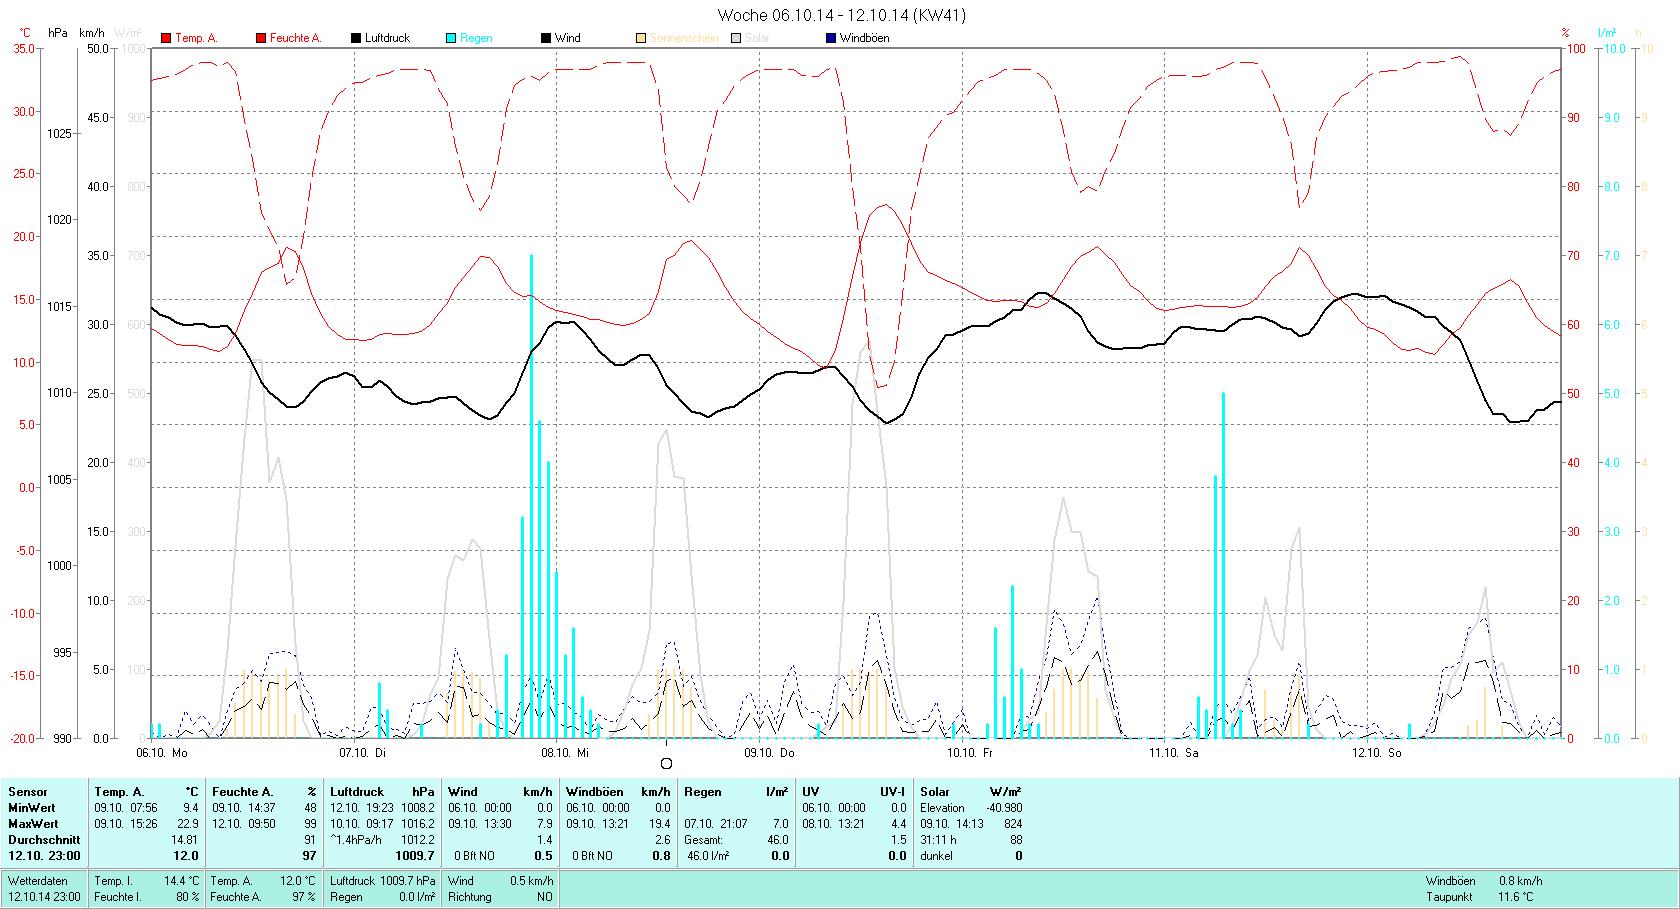 KW 41 Tmin  9.4°C, Tmax 22.9°C, Sonne 31:11h, Niederschlag 46.0mm/2